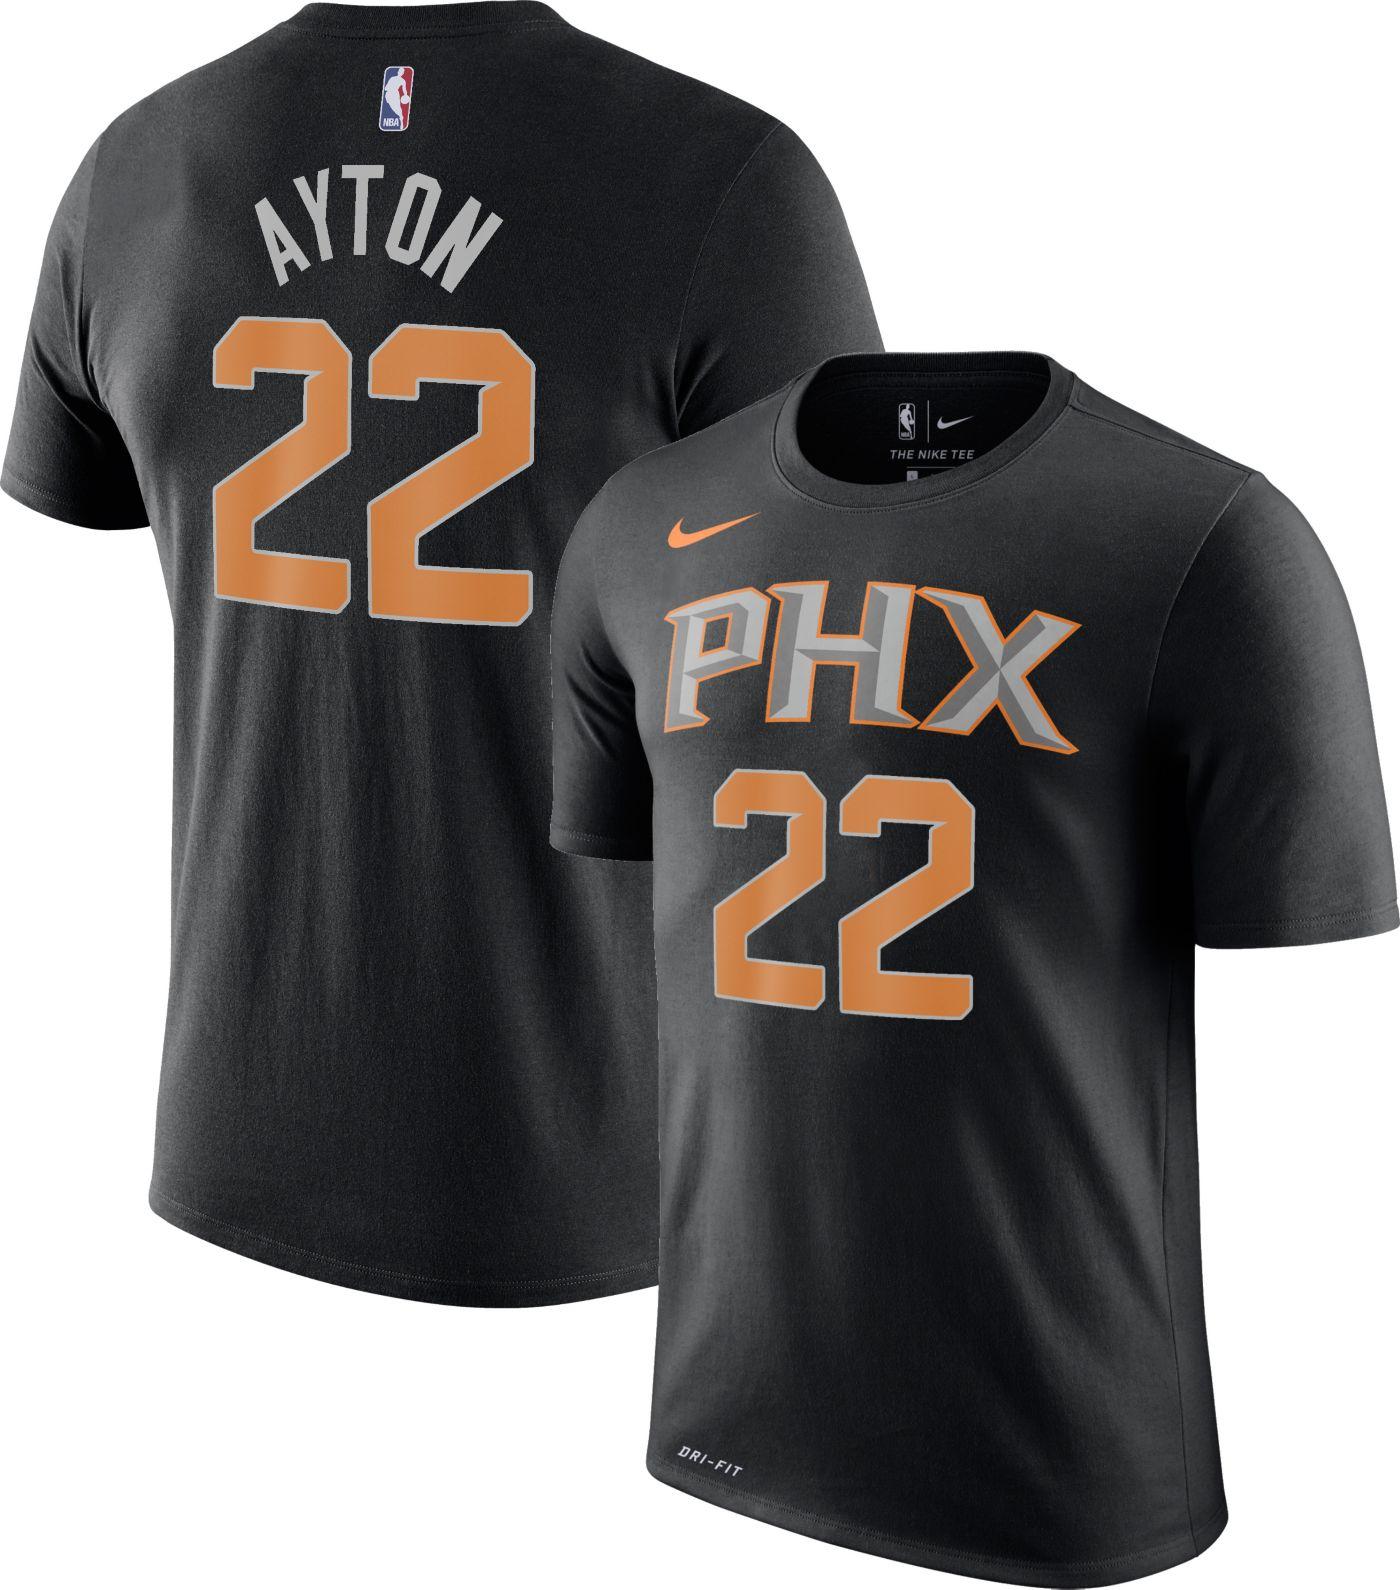 Nike Men's Phoenix Suns DeAndre Ayton #22 Dri-FIT Black T-Shirt